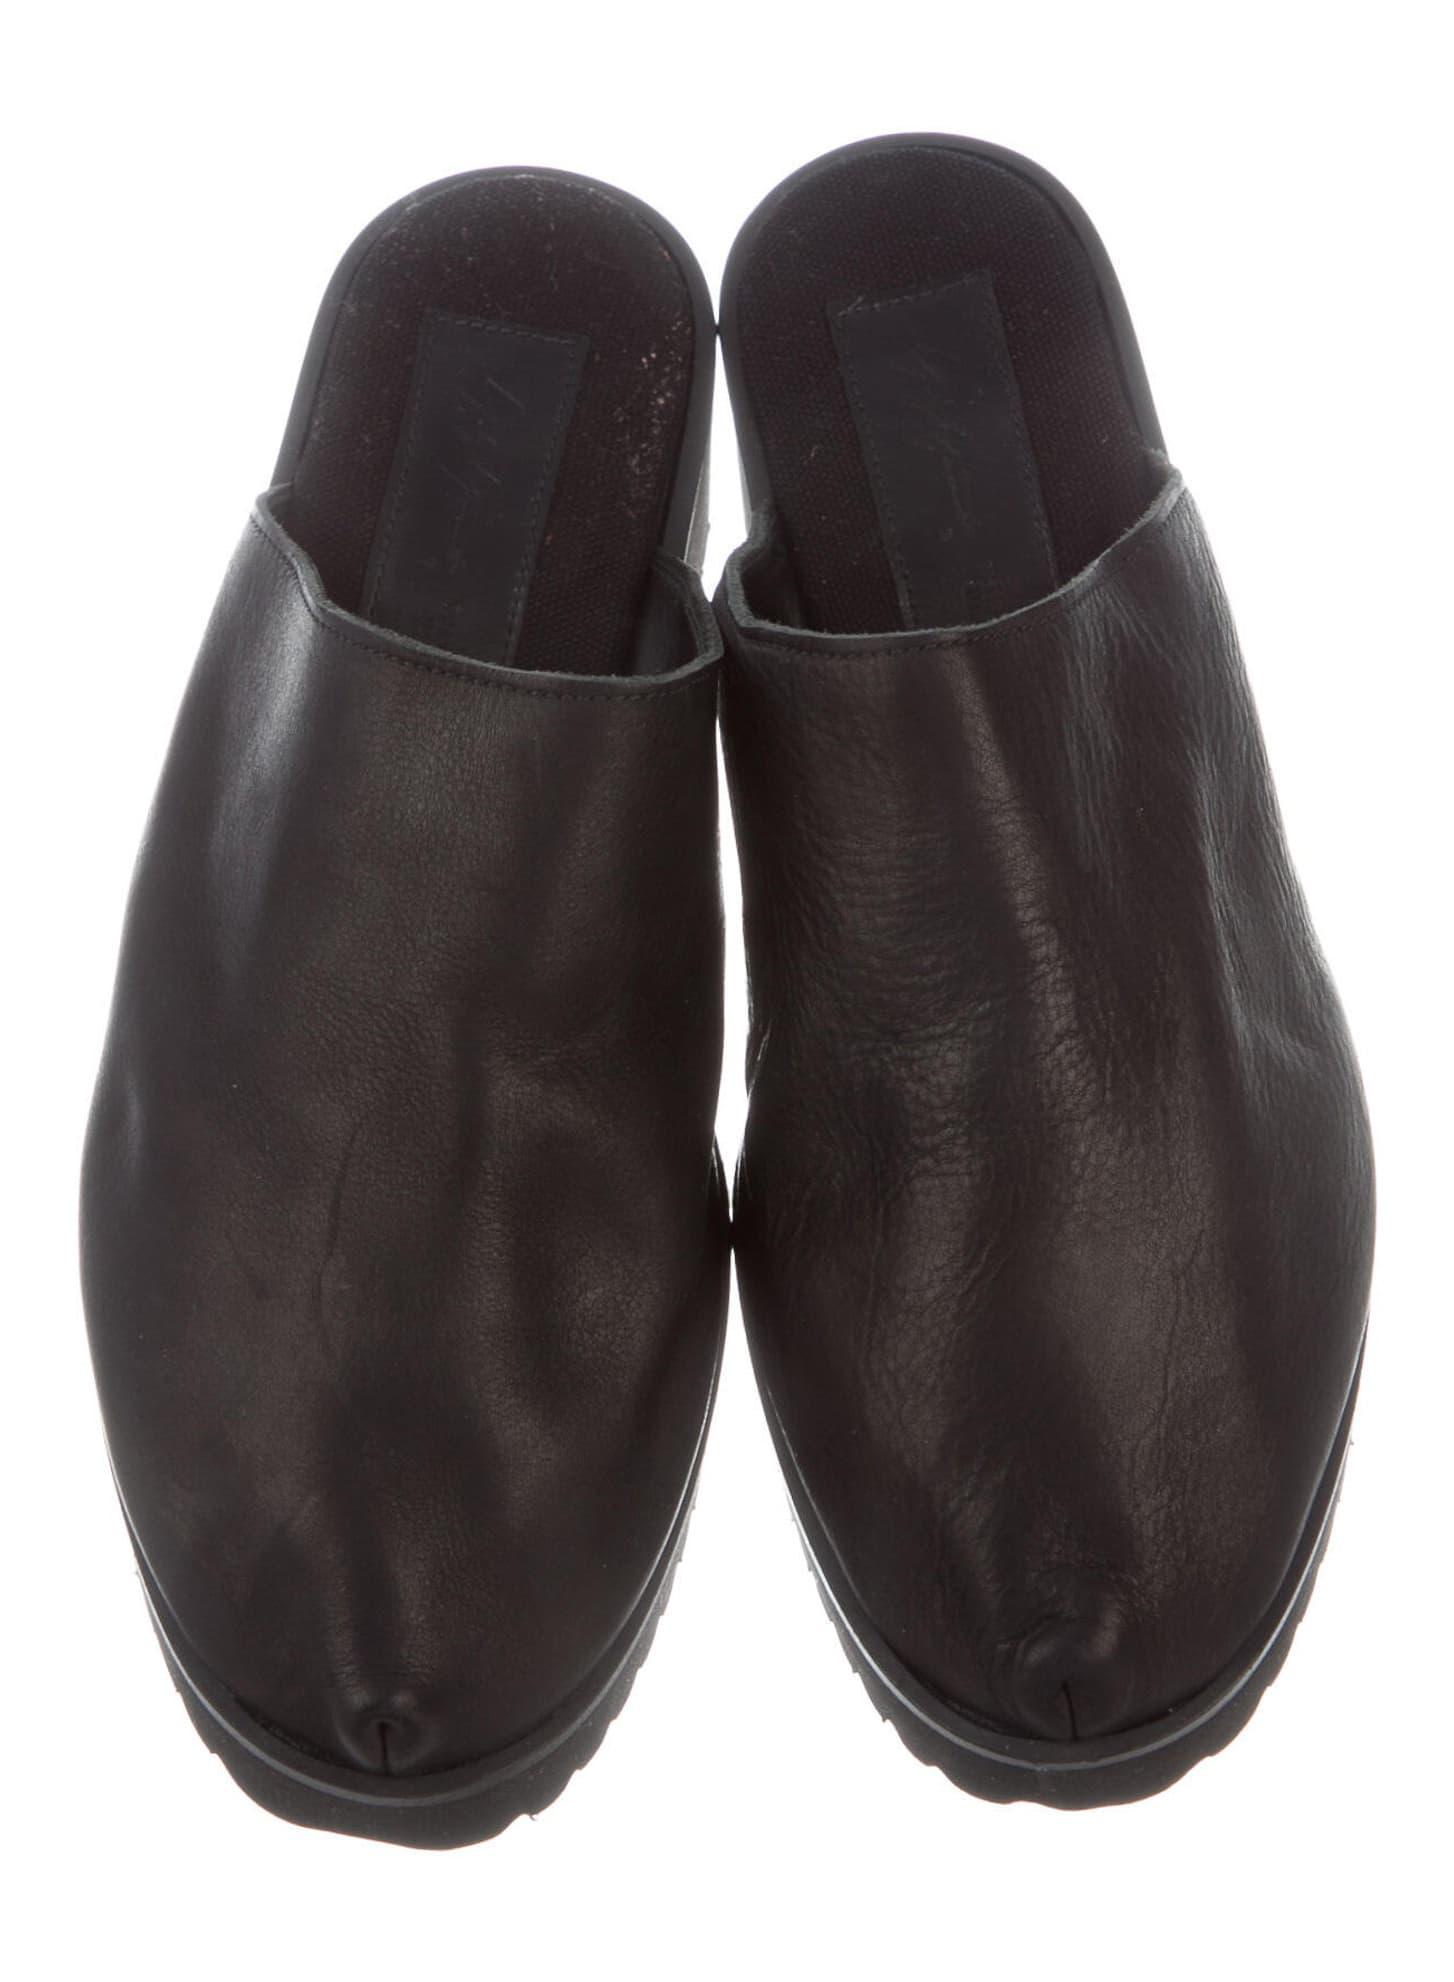 YOHJI YAMAMOTO Leather Mules